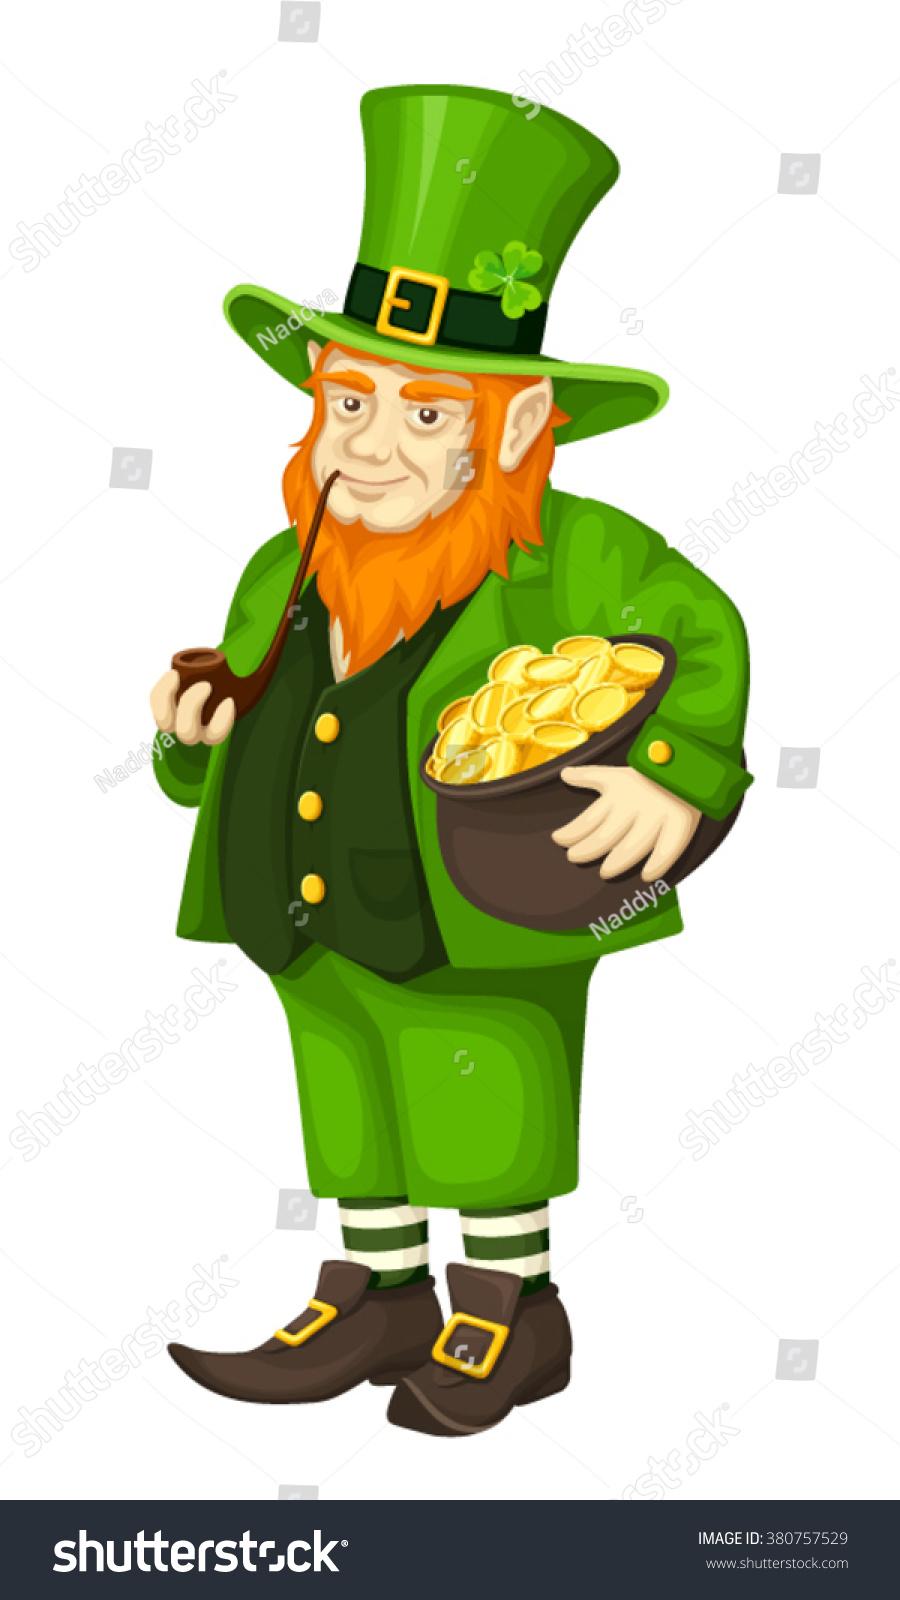 vector irish leprechaun green suit pot stock vector 380757529